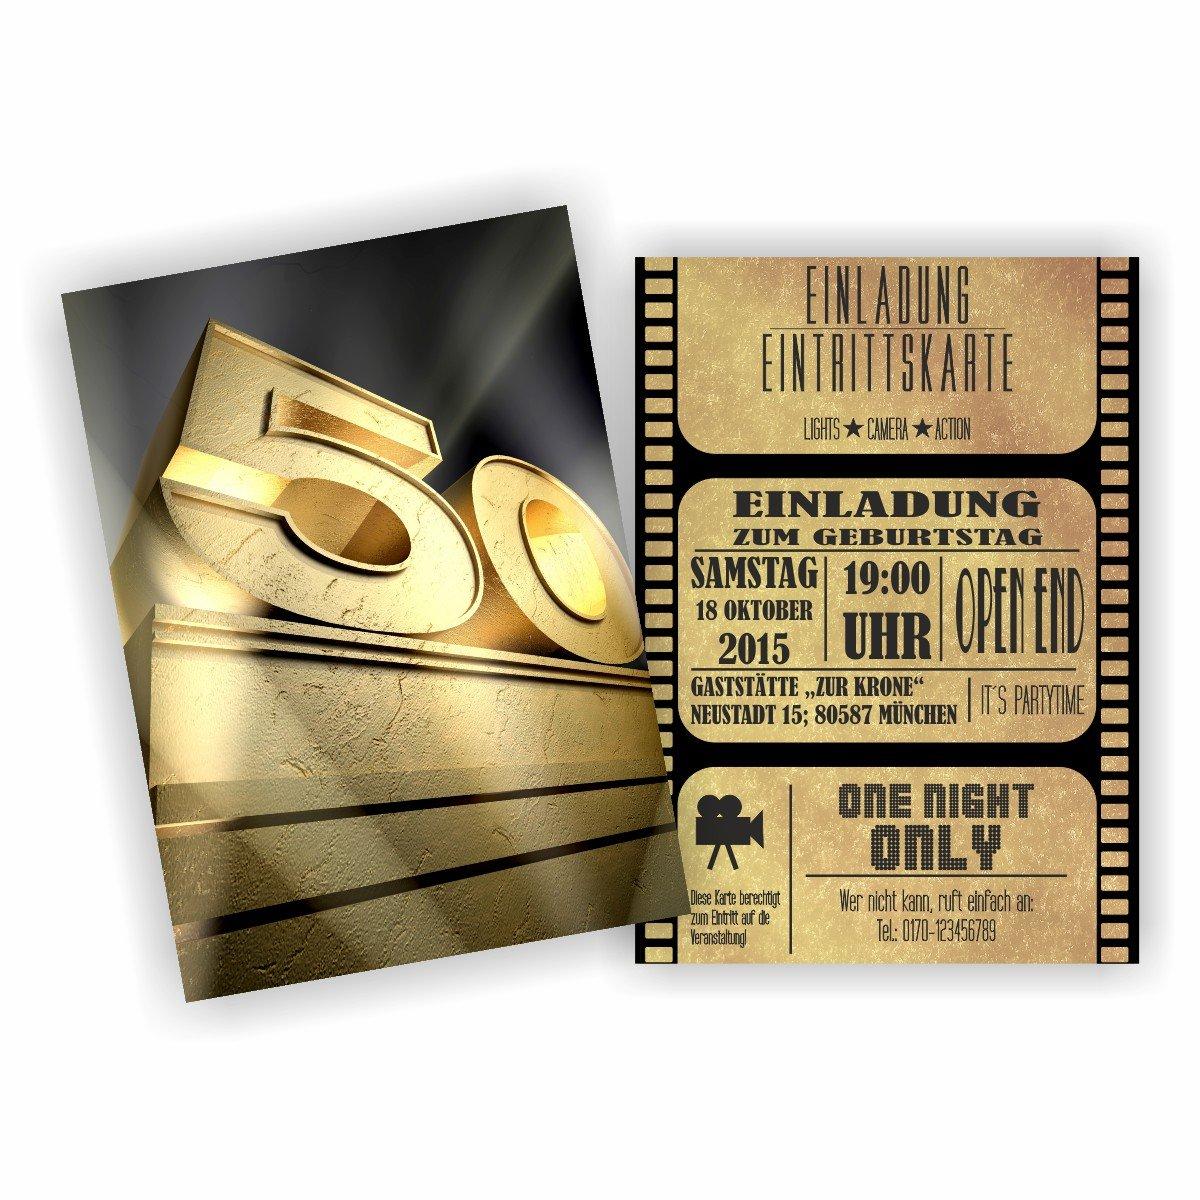 Einladung BLOCKBUSTER I I I KINO FILM THEATER zum 50. Geburtstag (40 Stück) B076M39DKR | Günstige Preise  | Spielzeugwelt, spielen Sie Ihre eigene Welt  | Maßstab ist der Grundstein, Qualität ist Säulenbalken, Preis ist Leiter  48029a